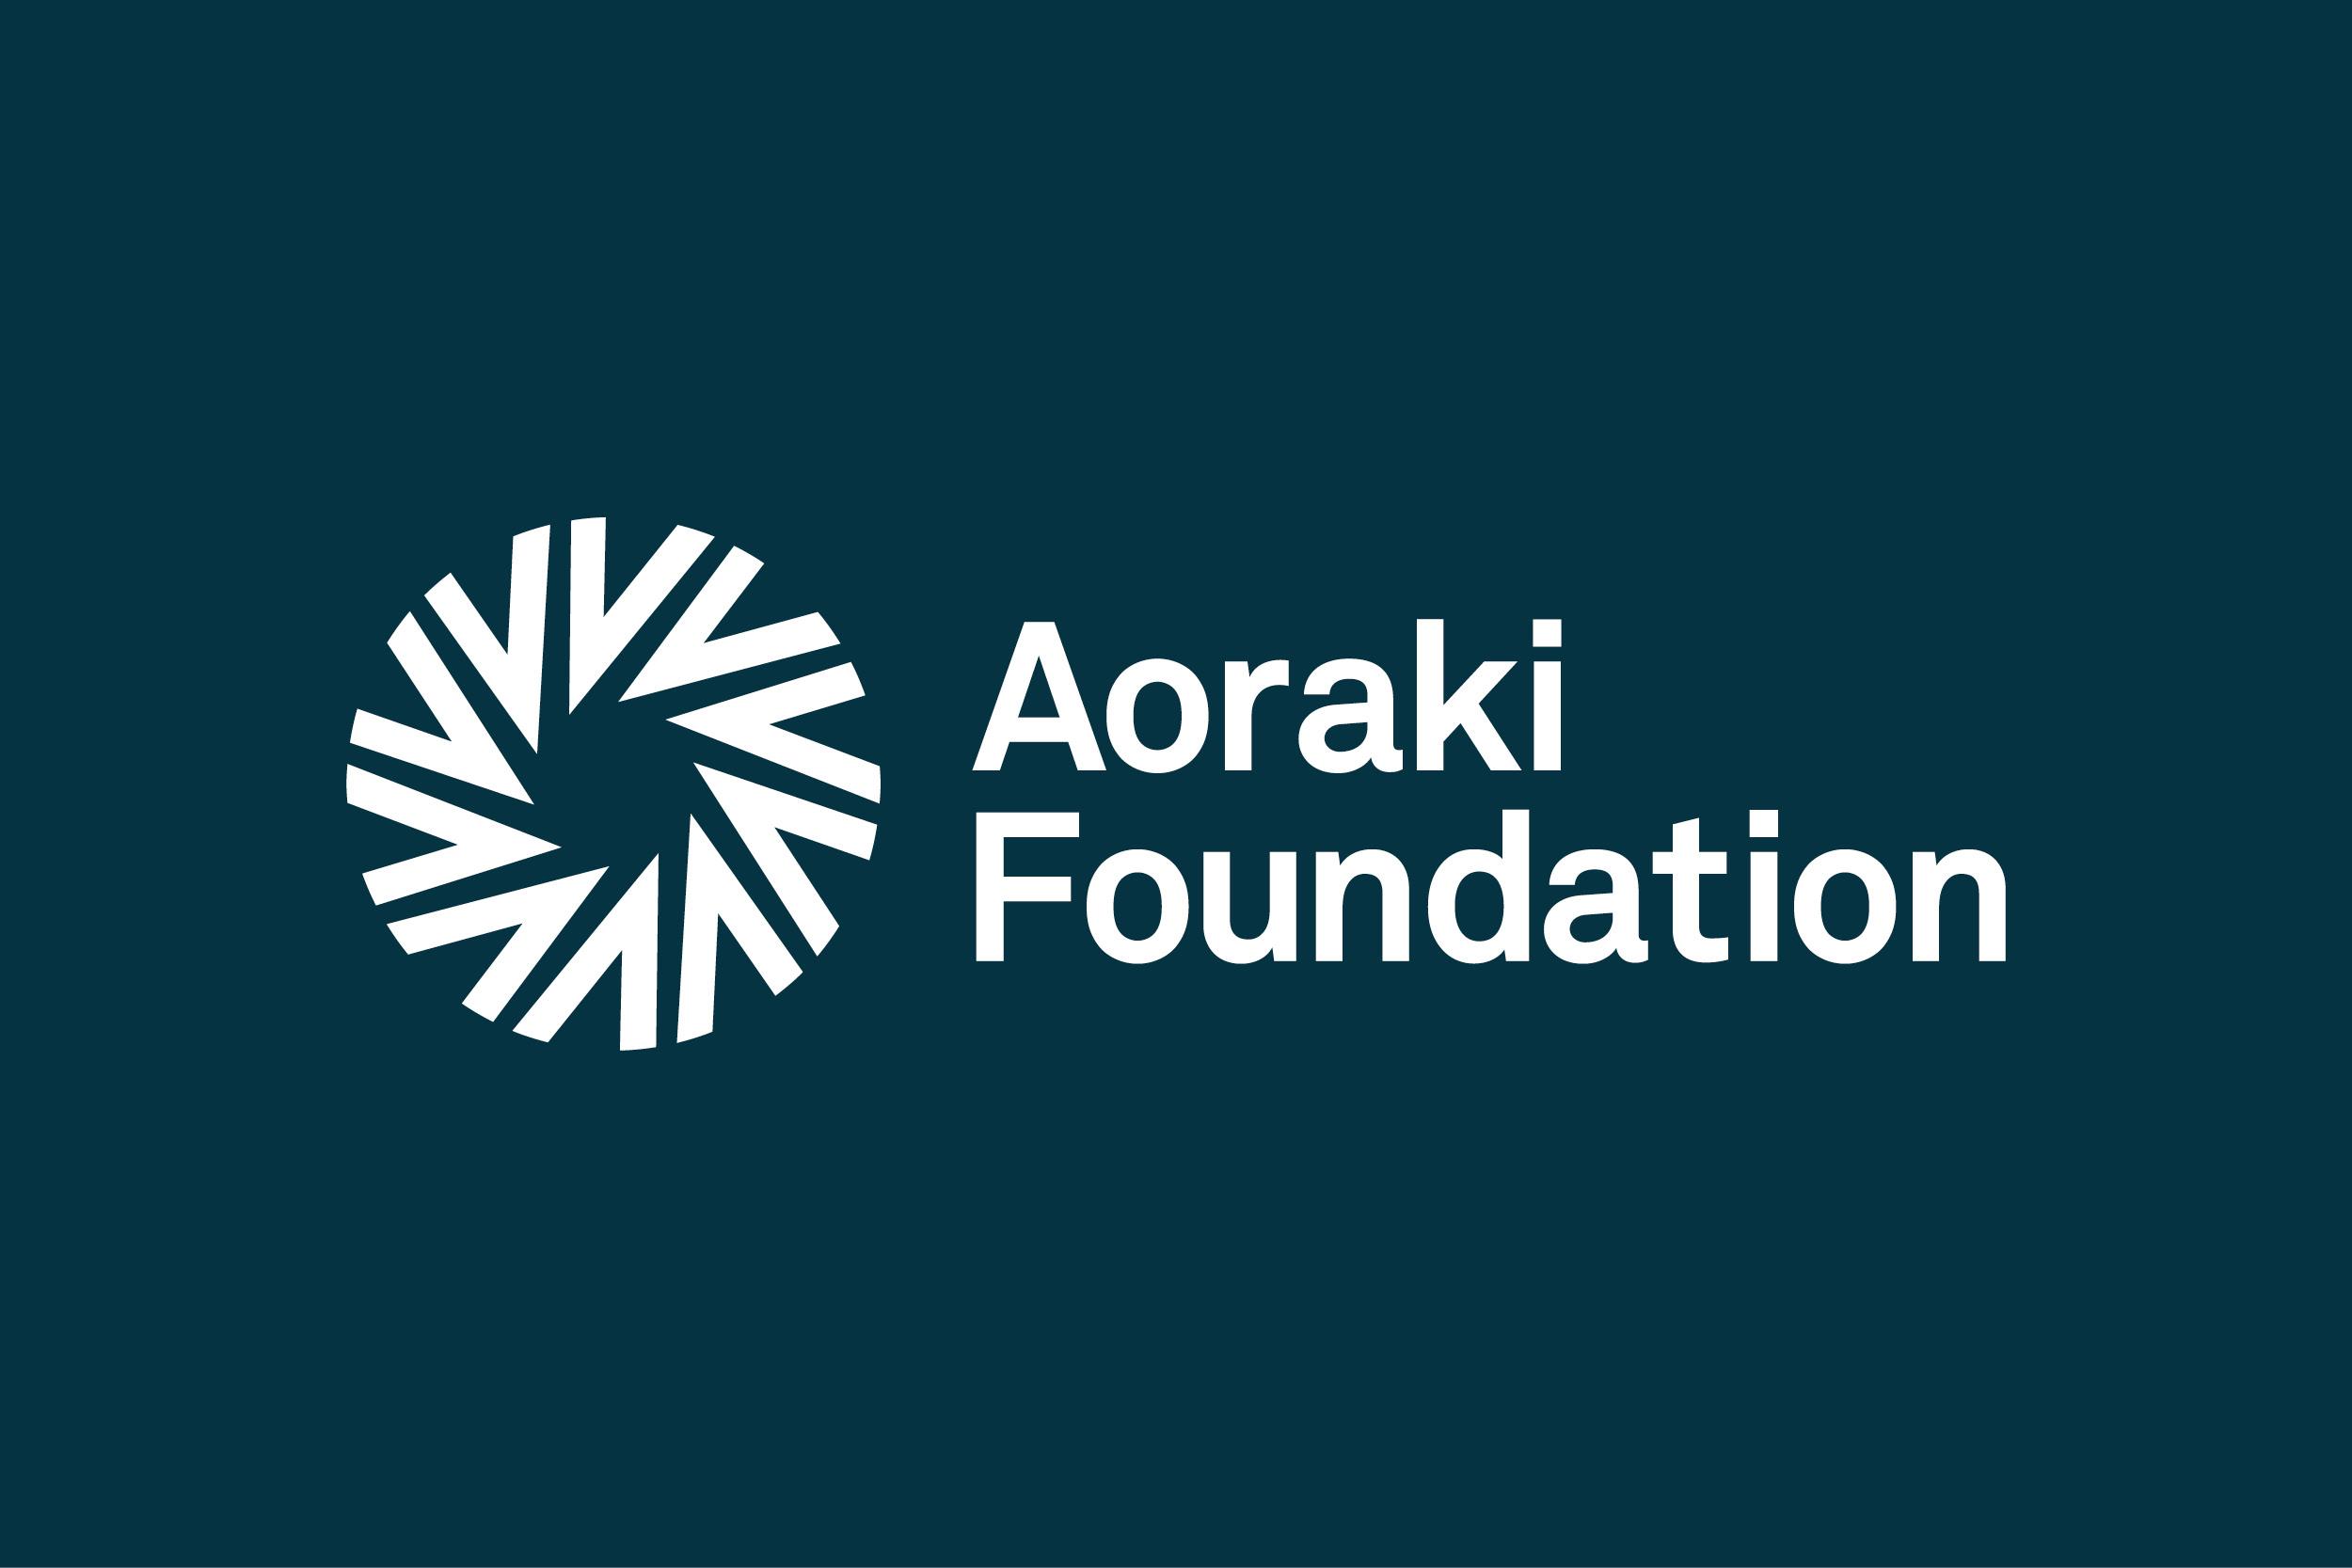 Aoraki Foundation.jpg